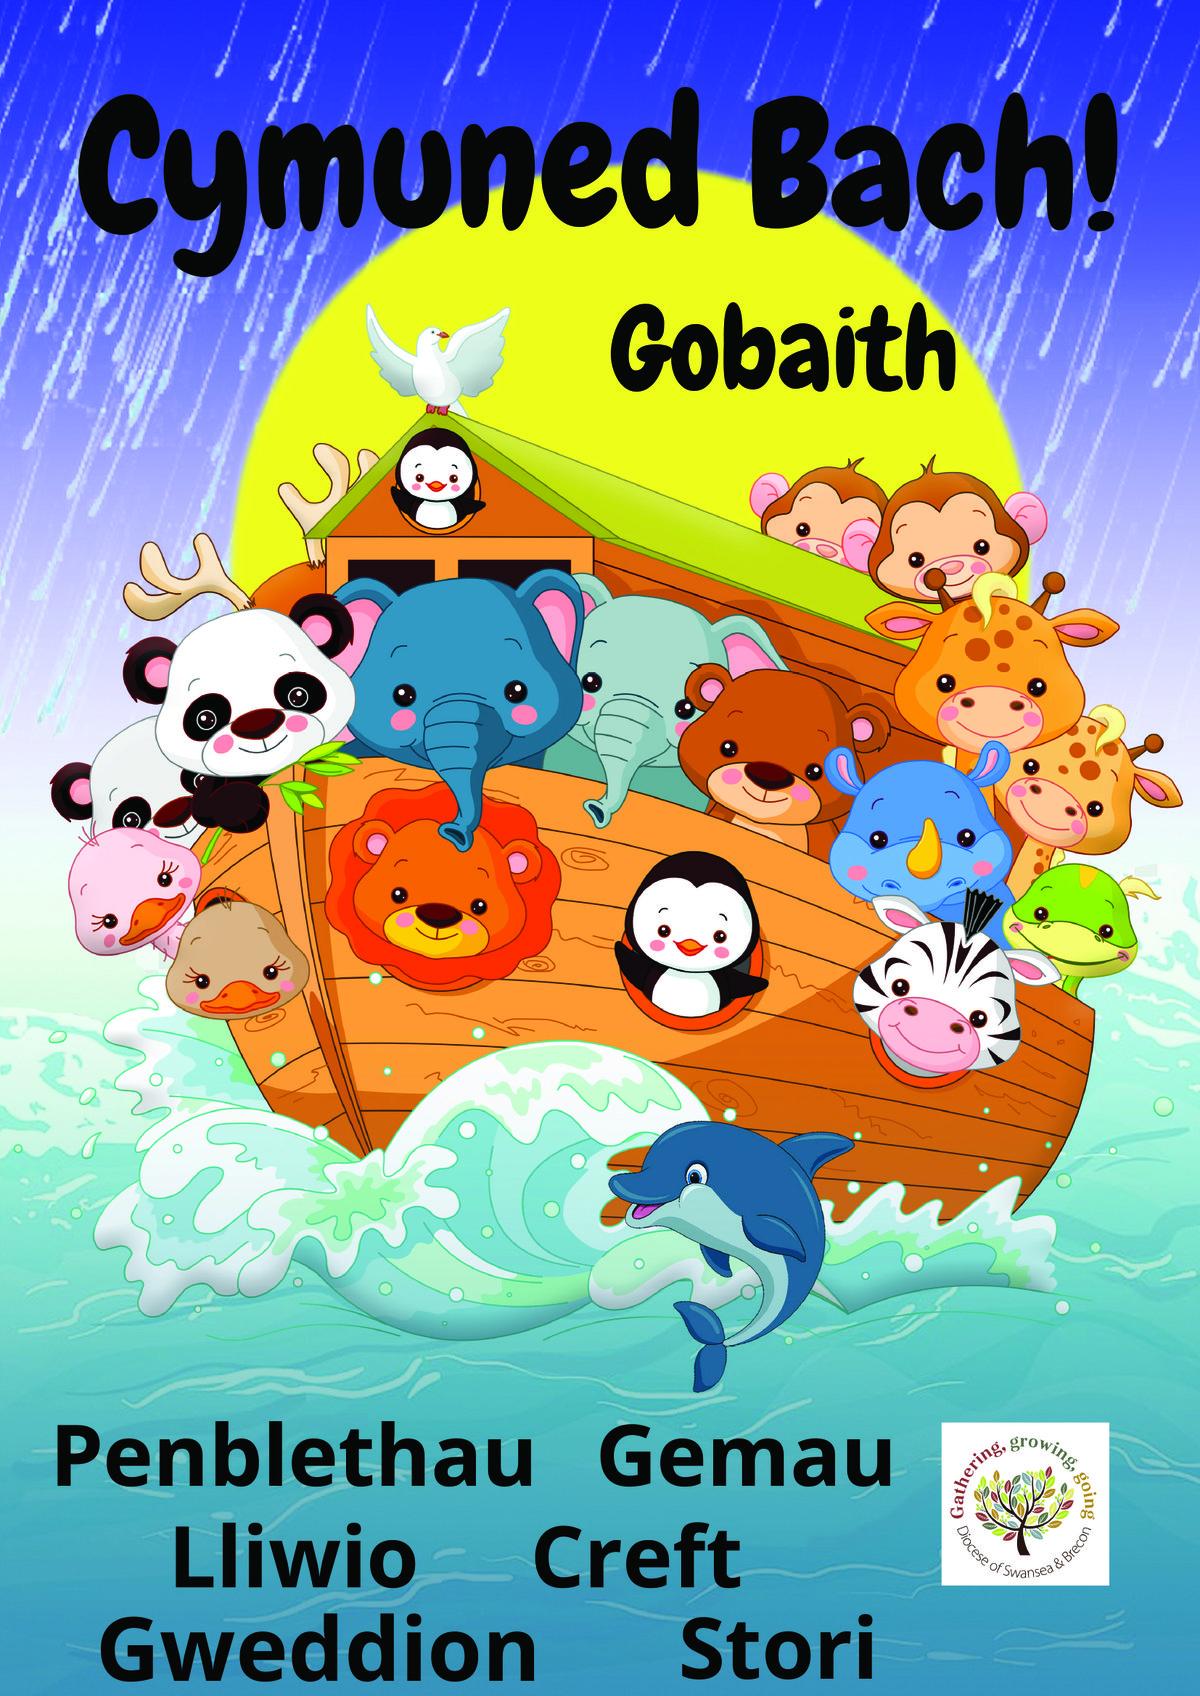 Gobaith-1.jpg